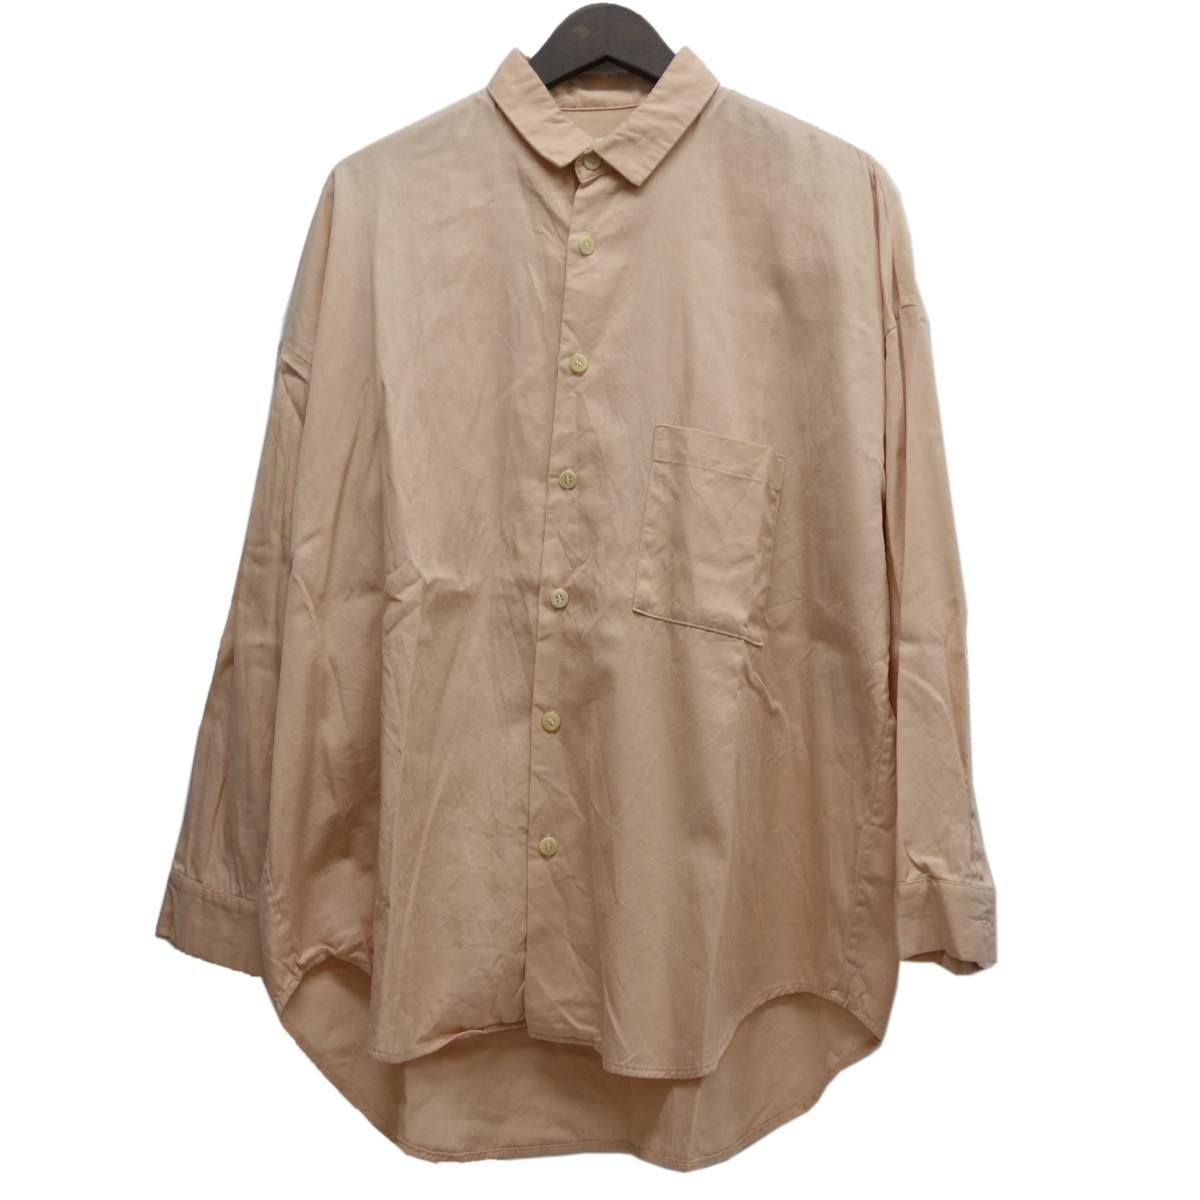 【中古】whowhat オーバーサイズシャツ サーモンピンク サイズ:S 【210420】(フーワット)